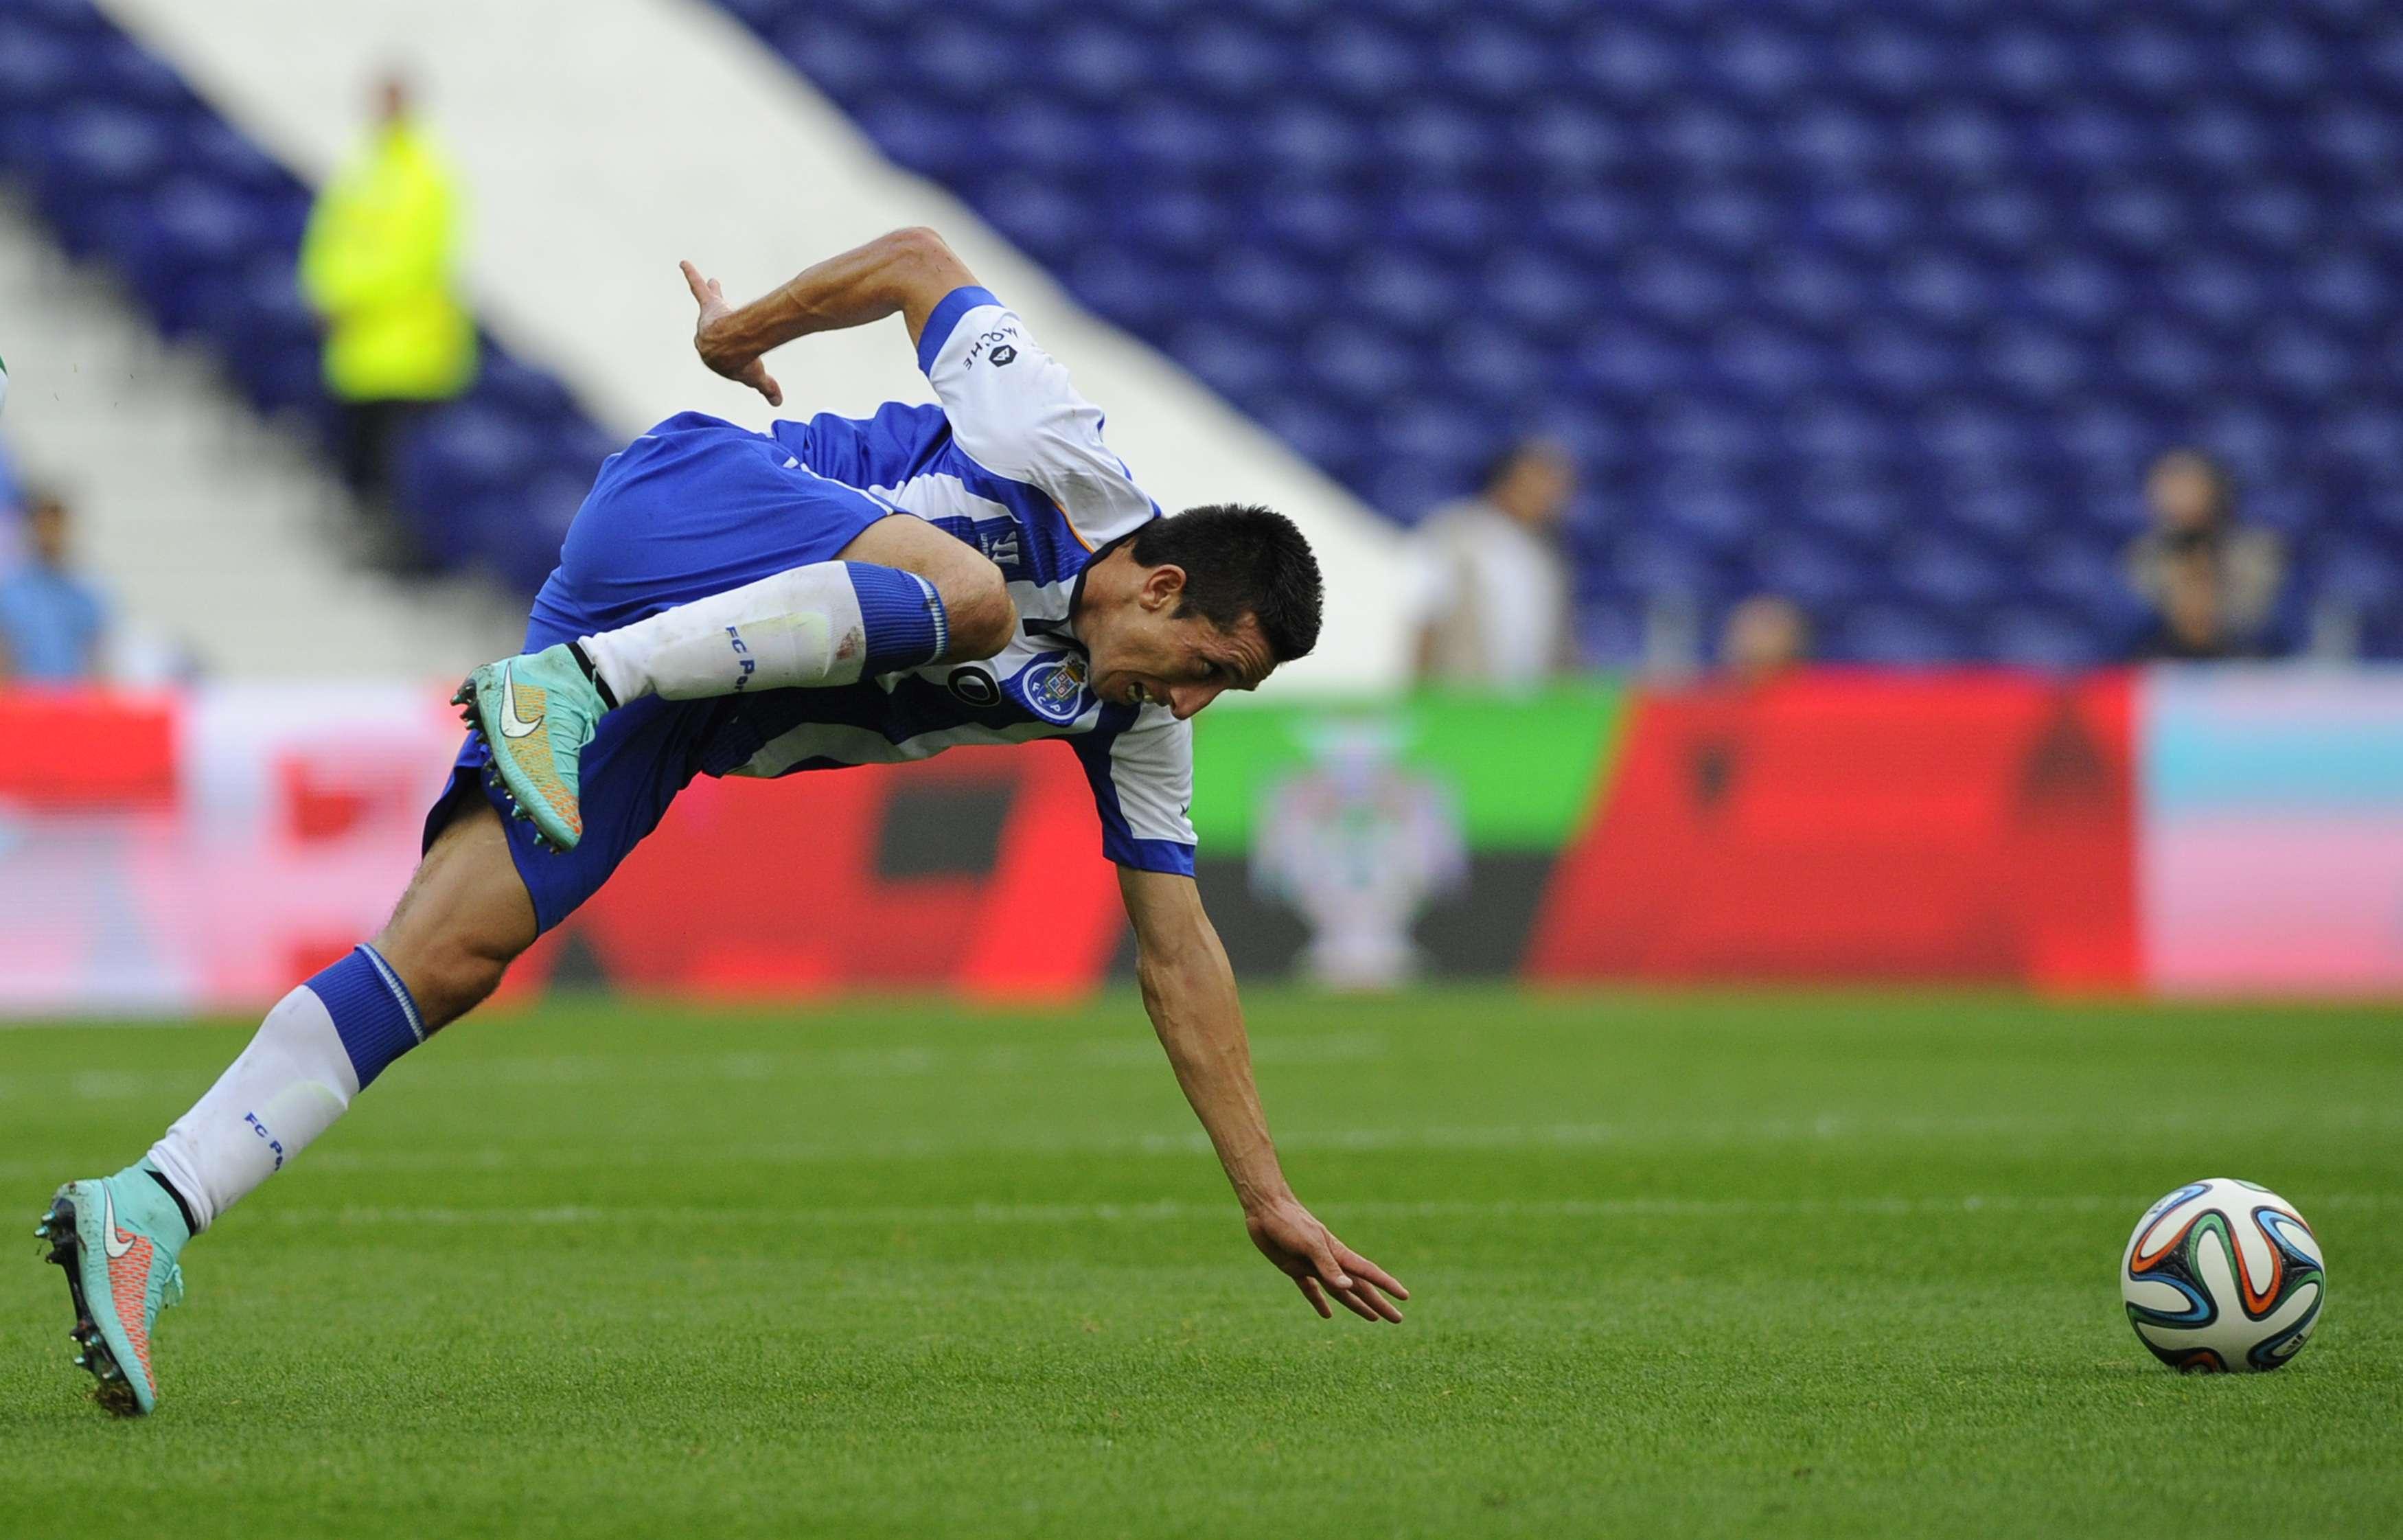 Herrera es titular indiscutible en el cuadro de Julen Lopetegui. Foto: AFP